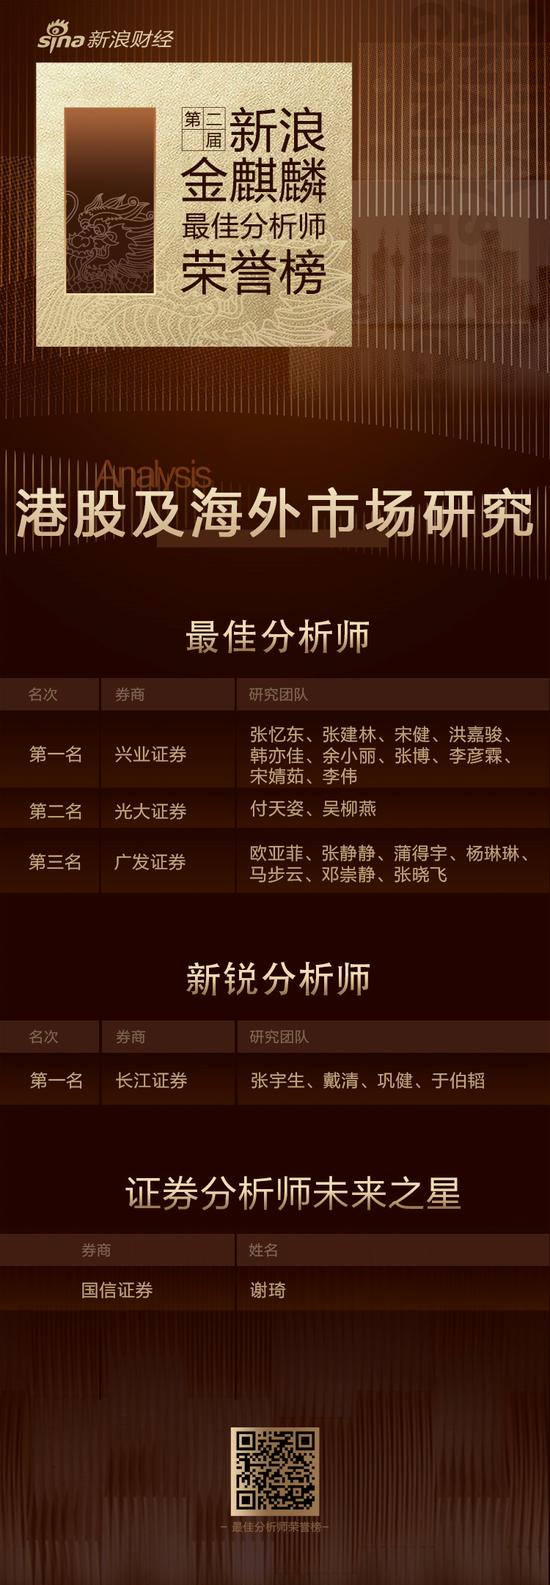 第二届新浪金麒麟港股及海外最佳分析师:第一名兴业证券(附观点)